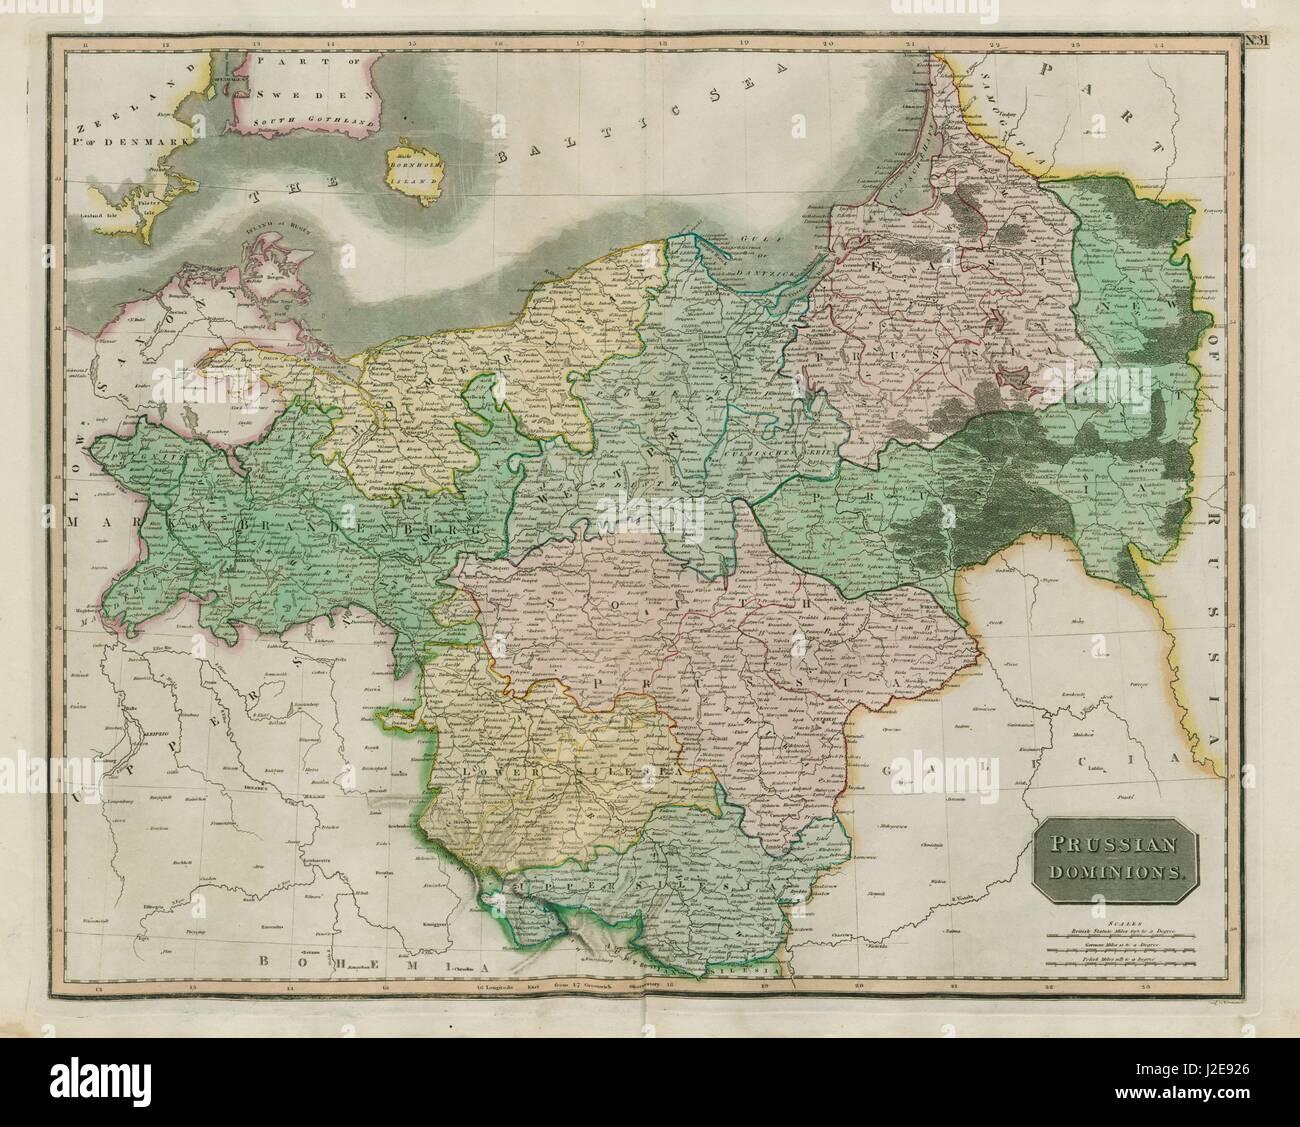 Polen Schlesien Karte.Preußischen Herrschaften Polen Schlesien Brandenburg Pommern